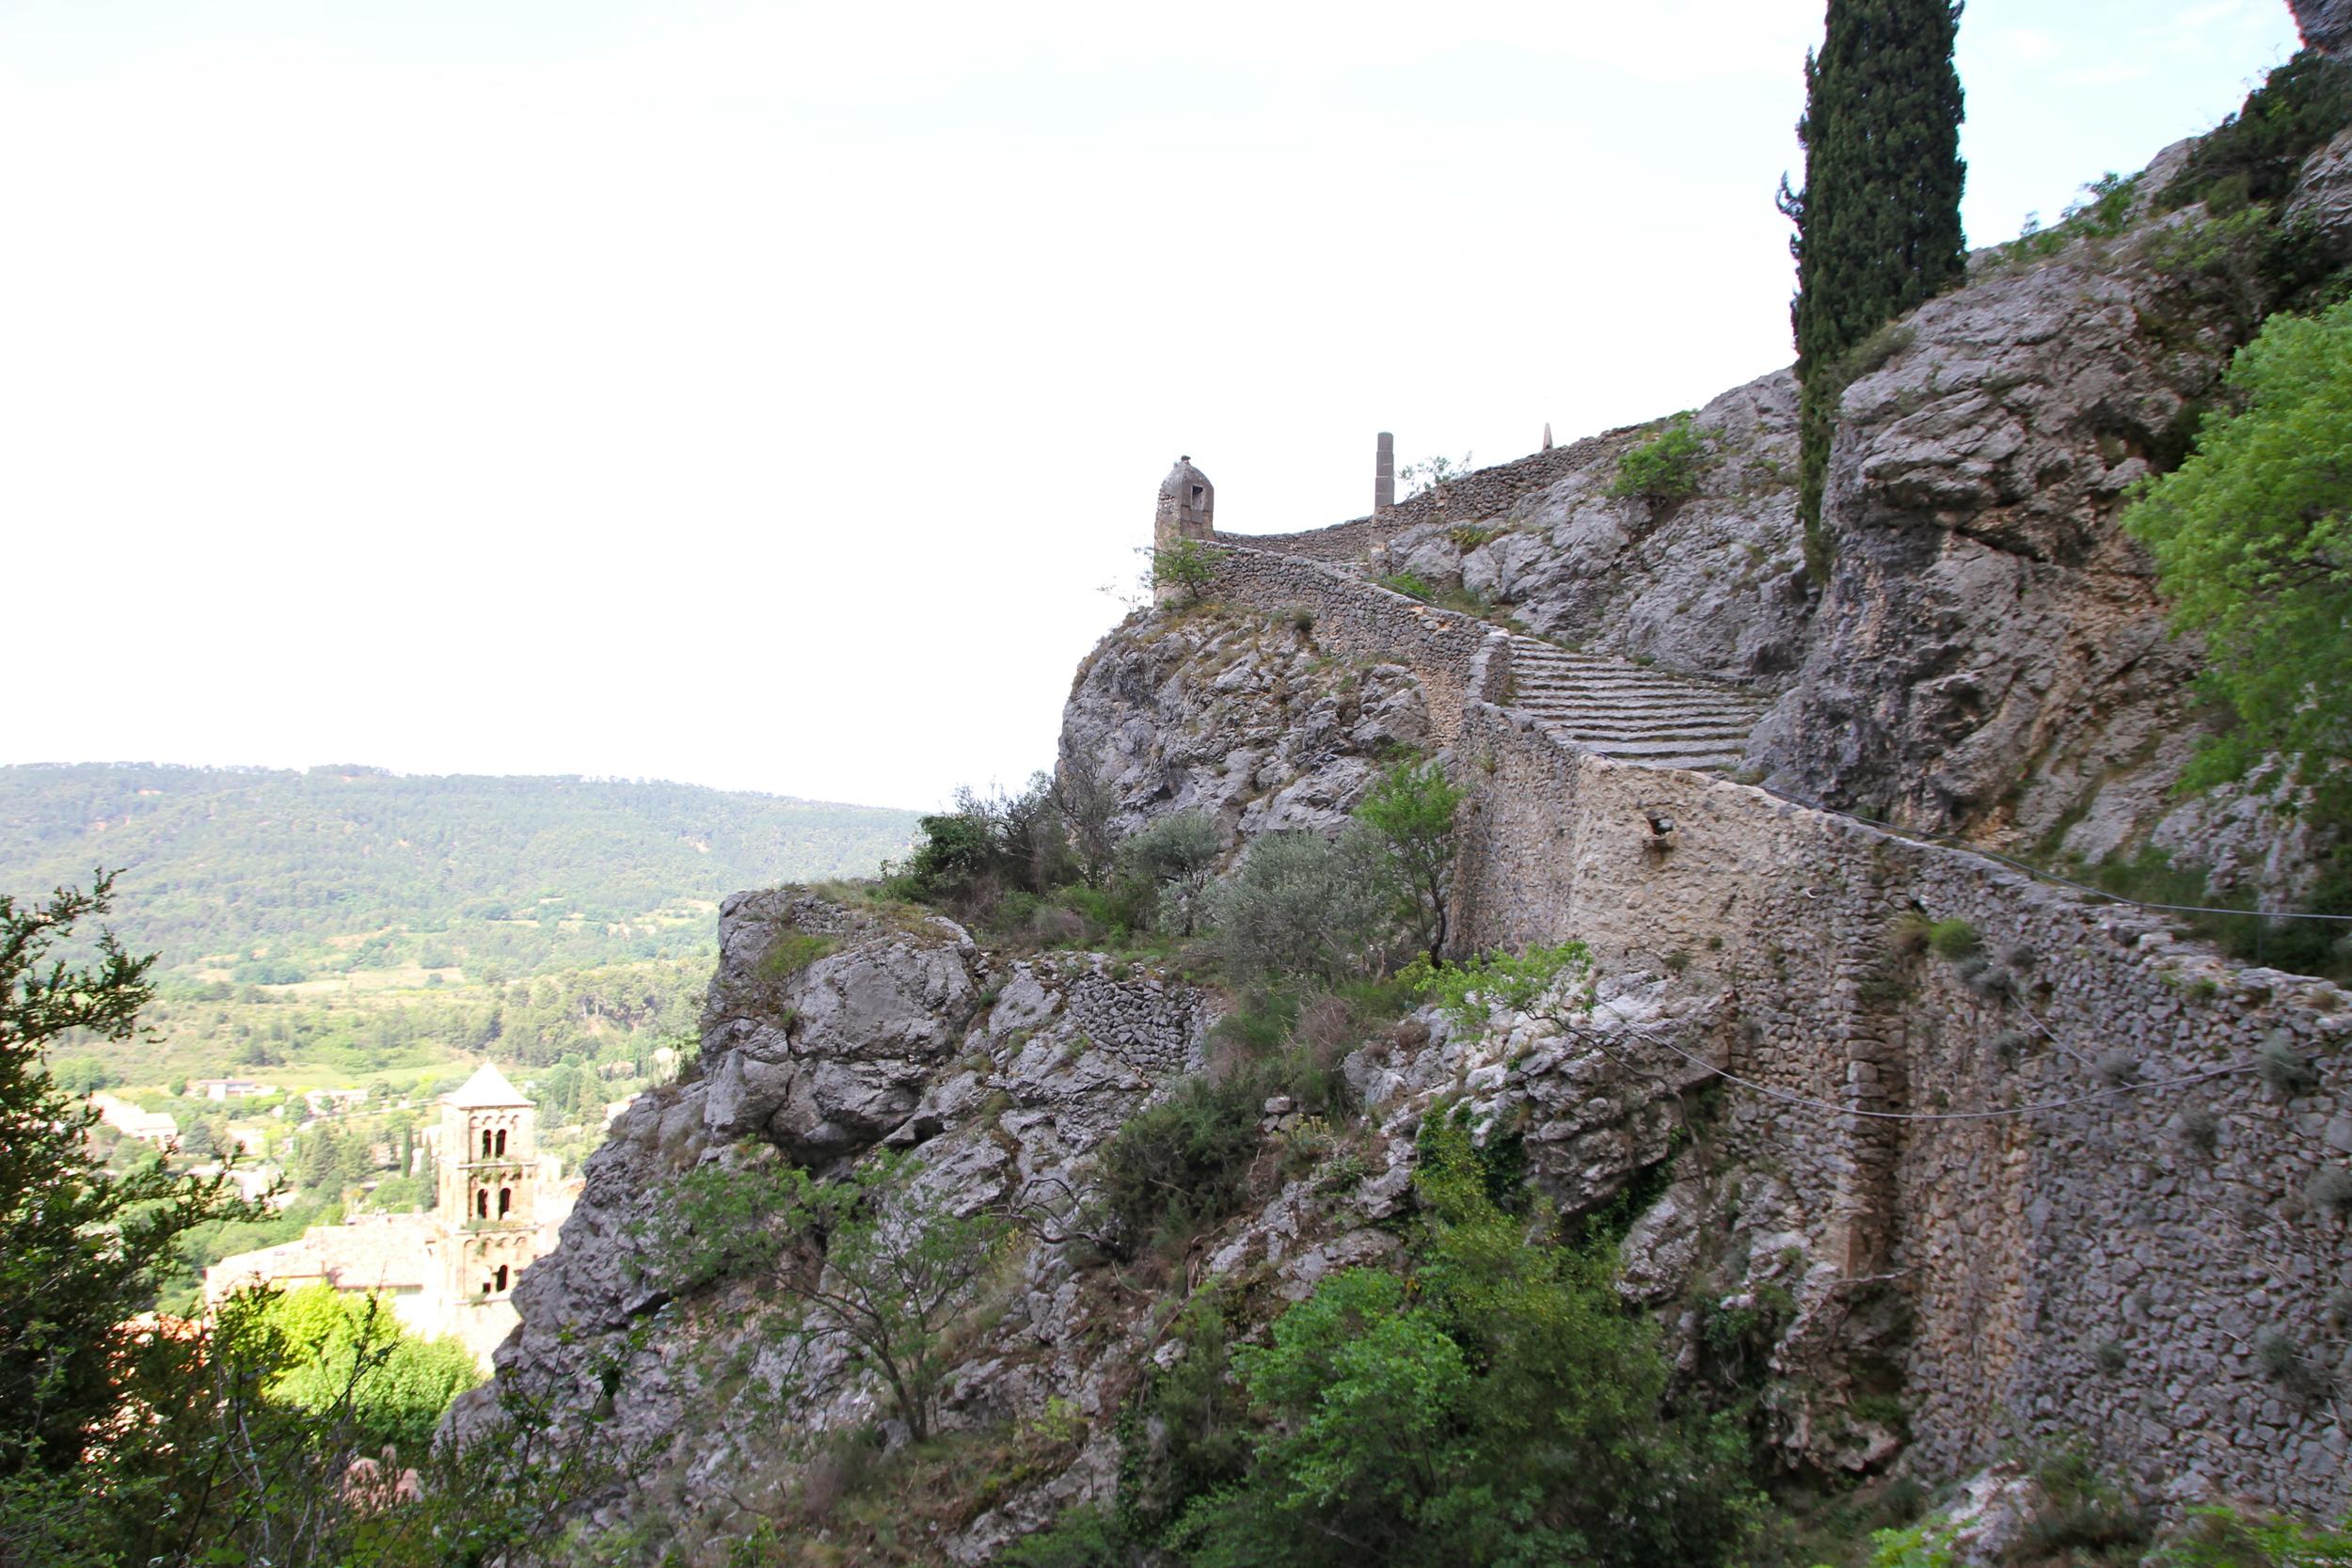 Stairs up towards the Notre-Dame de Beauvoir chapel, Moustiers-Sainte-Marie.